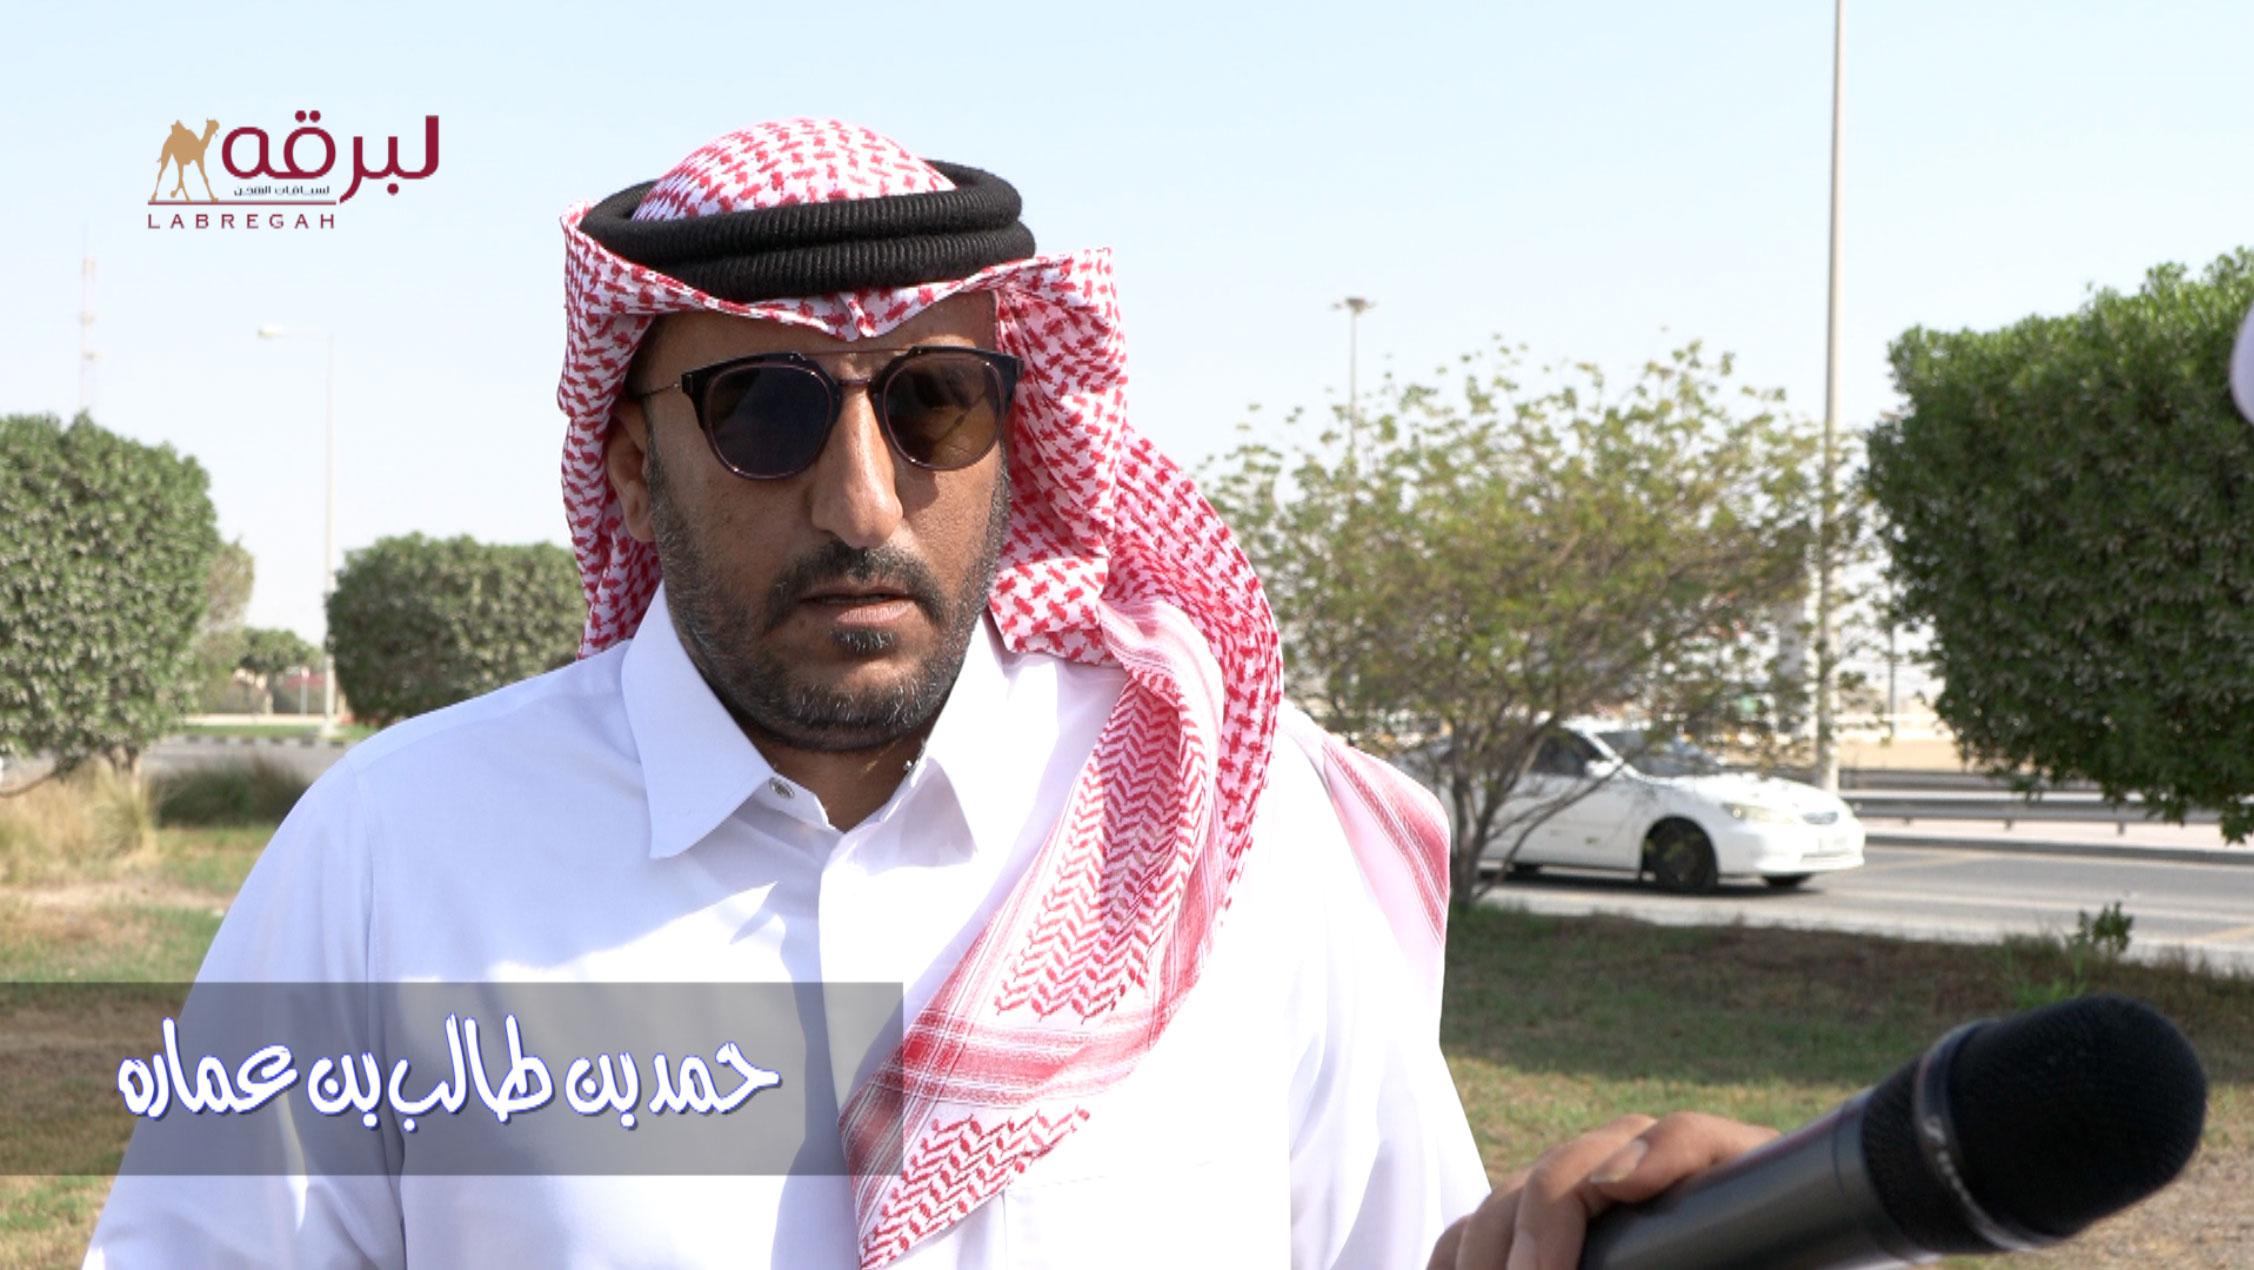 لقاء مع حمد بن طالب بن عماره الشوط الرئيسي حقايق بكار مفتوح ميدان الشحانية ٤-٩-٢٠٢١